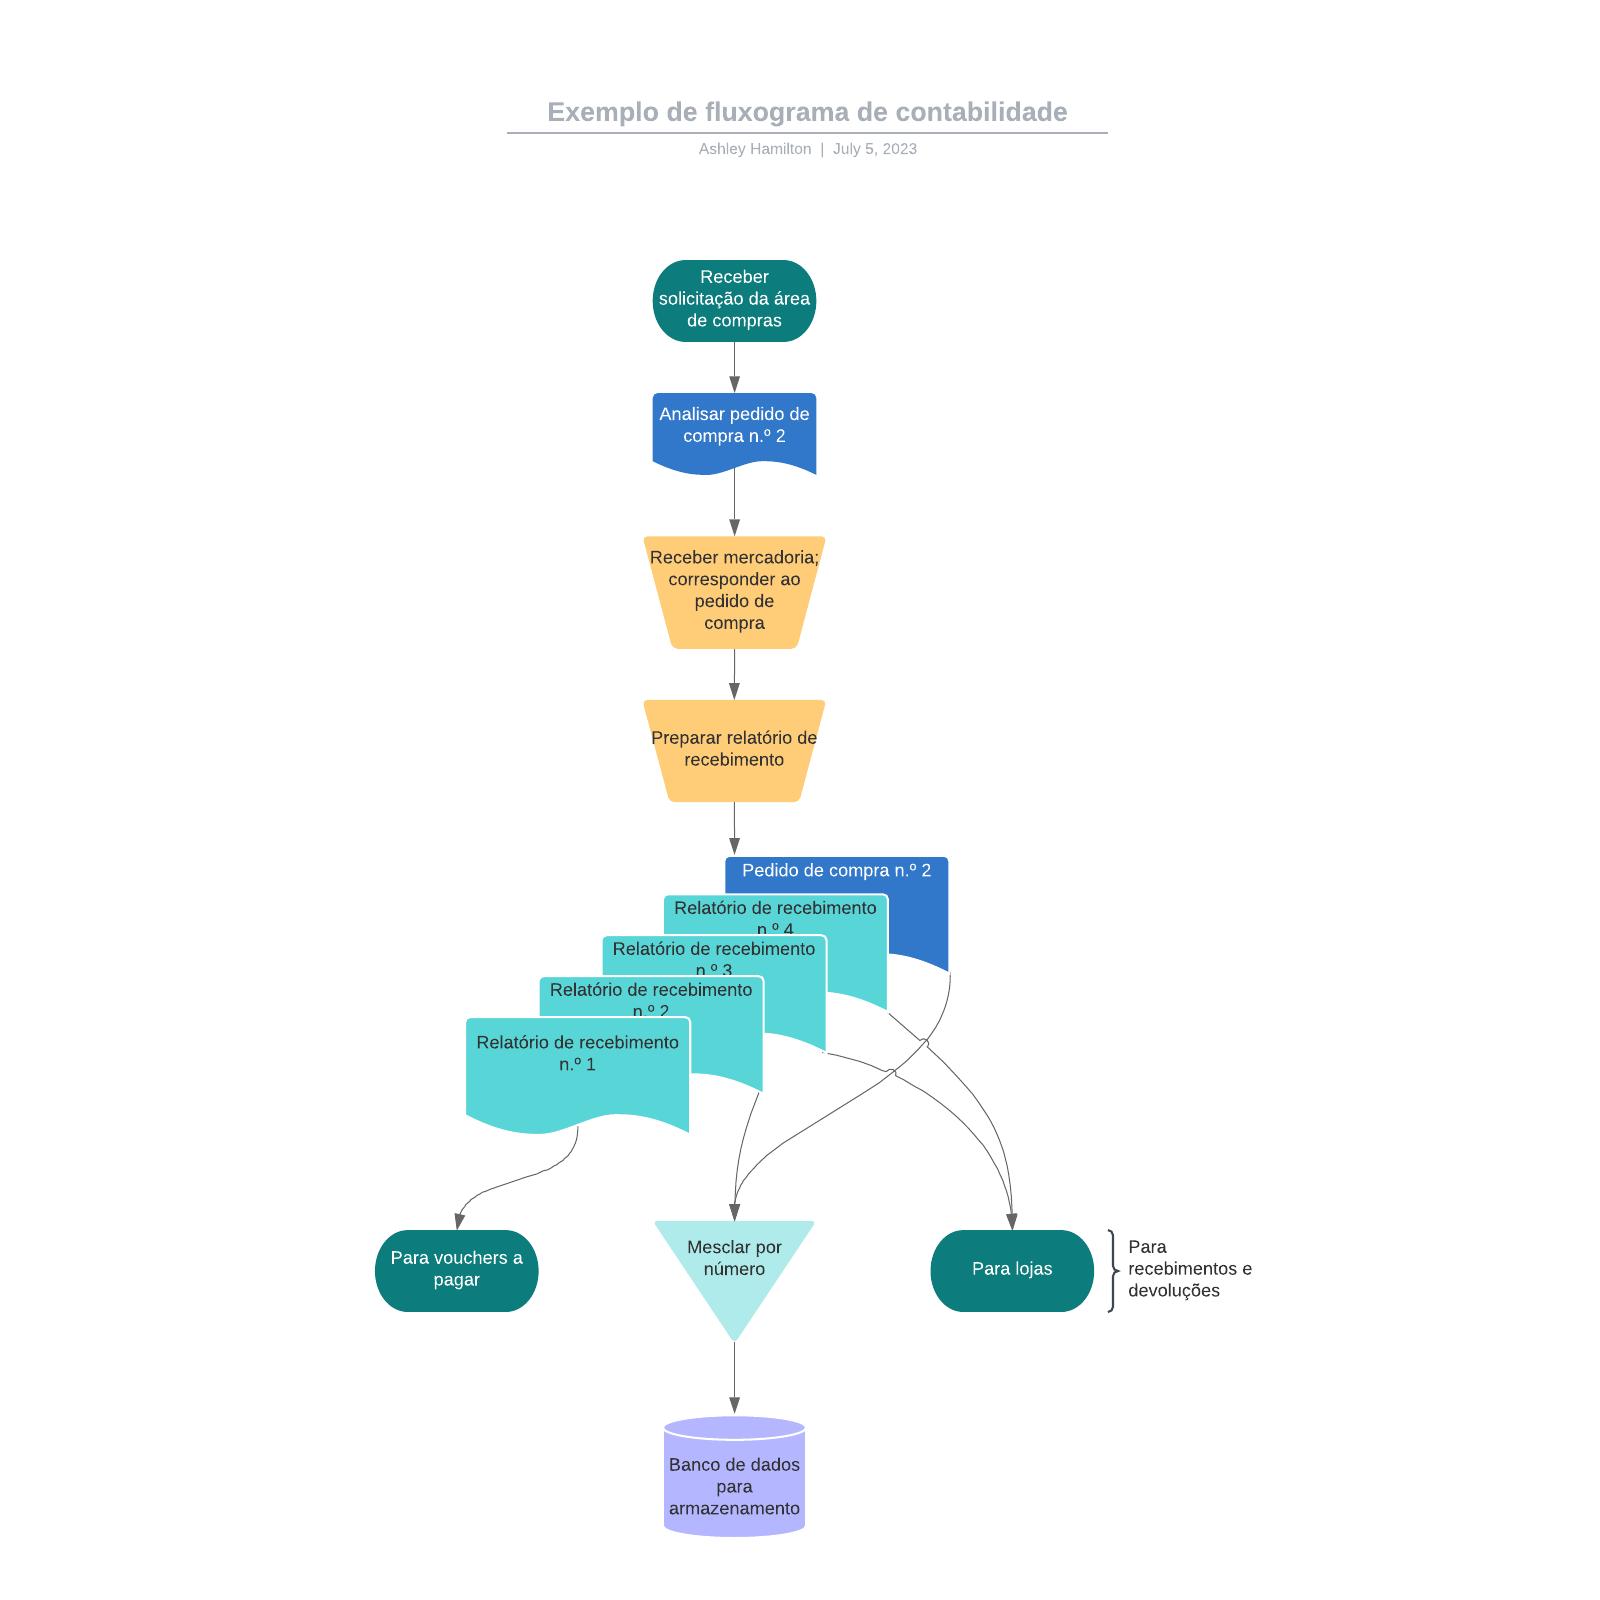 Exemplo de fluxograma de contabilidade